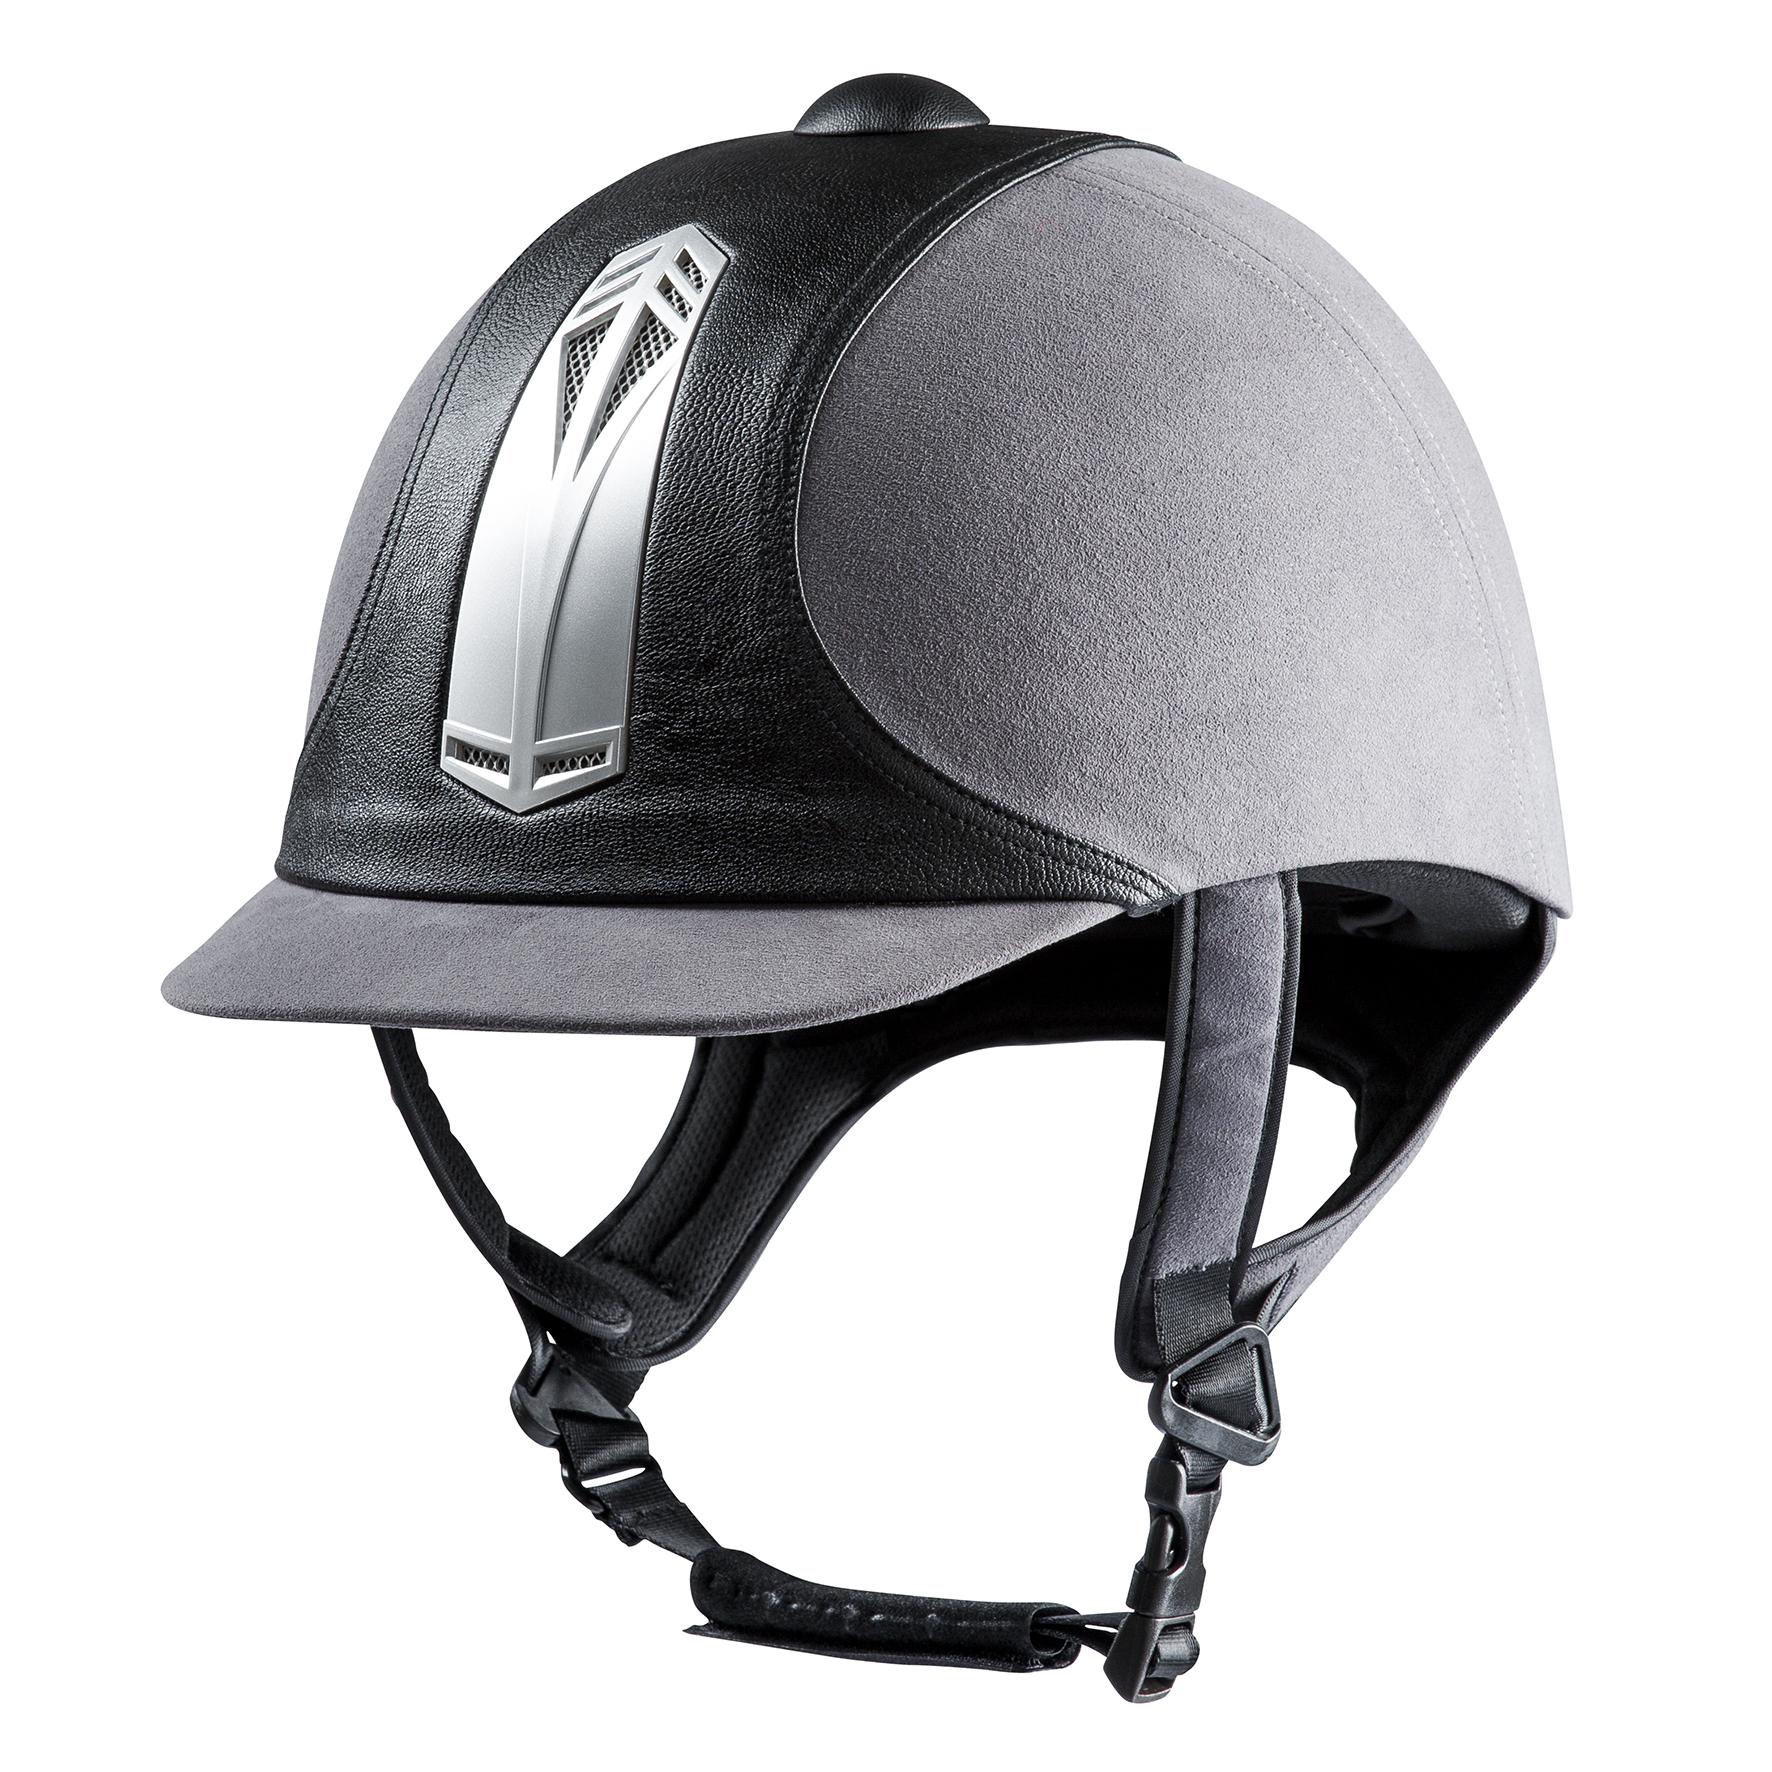 Choplin - Premium gris  helmet